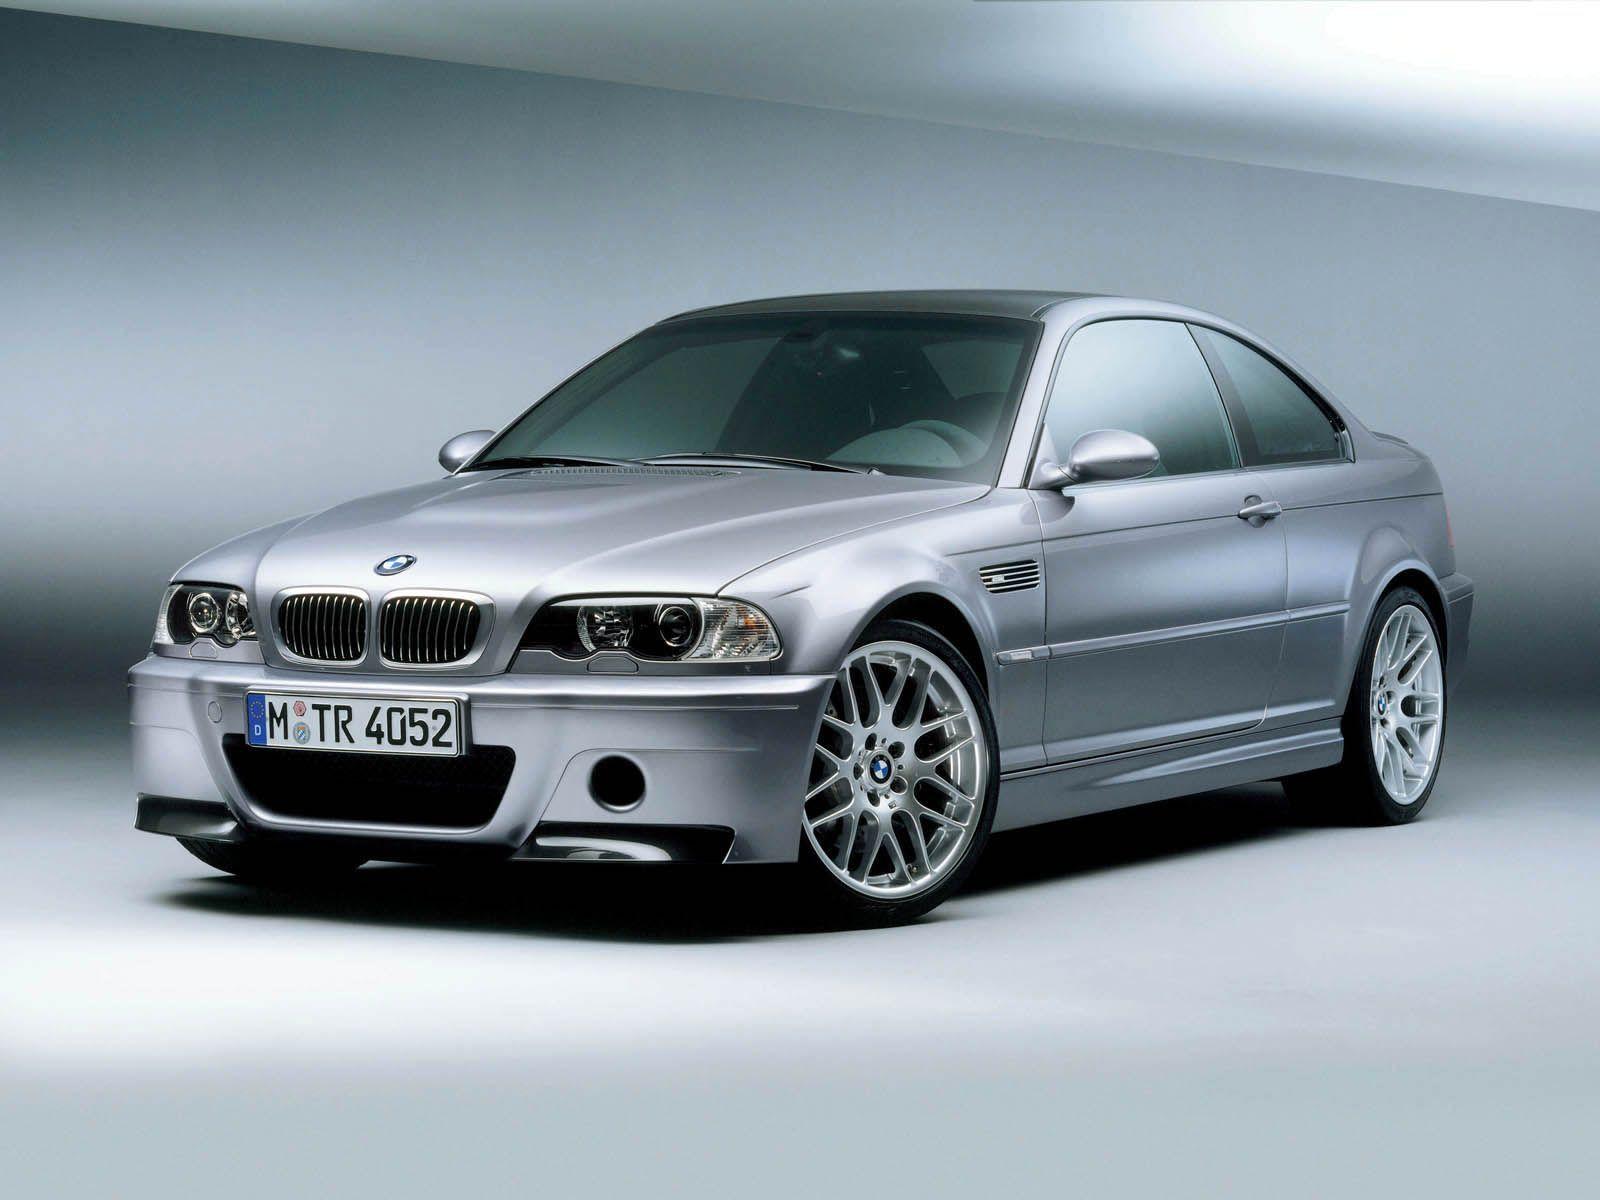 BMW E Series BMW Service And Repair Sacramento IPB Autosport - Bmw 3 series e46